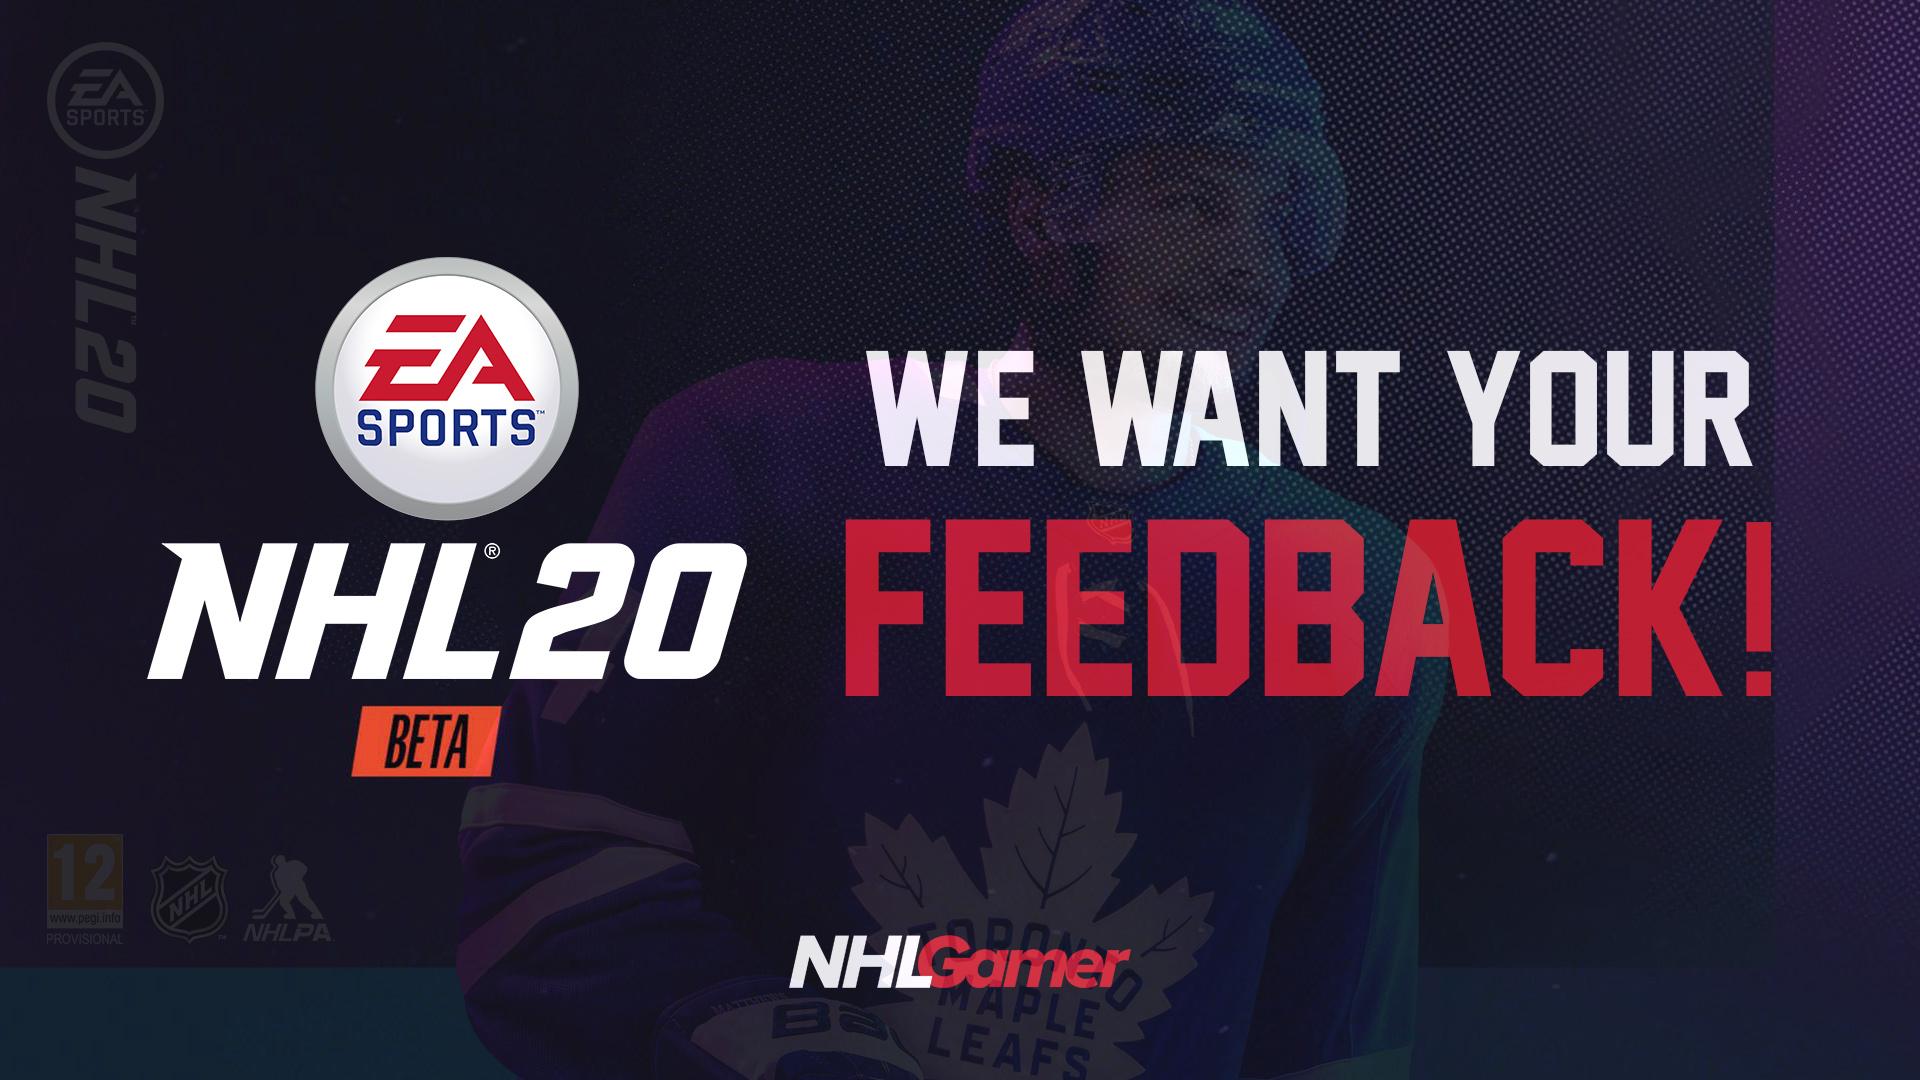 NHL_20_Beta_feedback.jpg